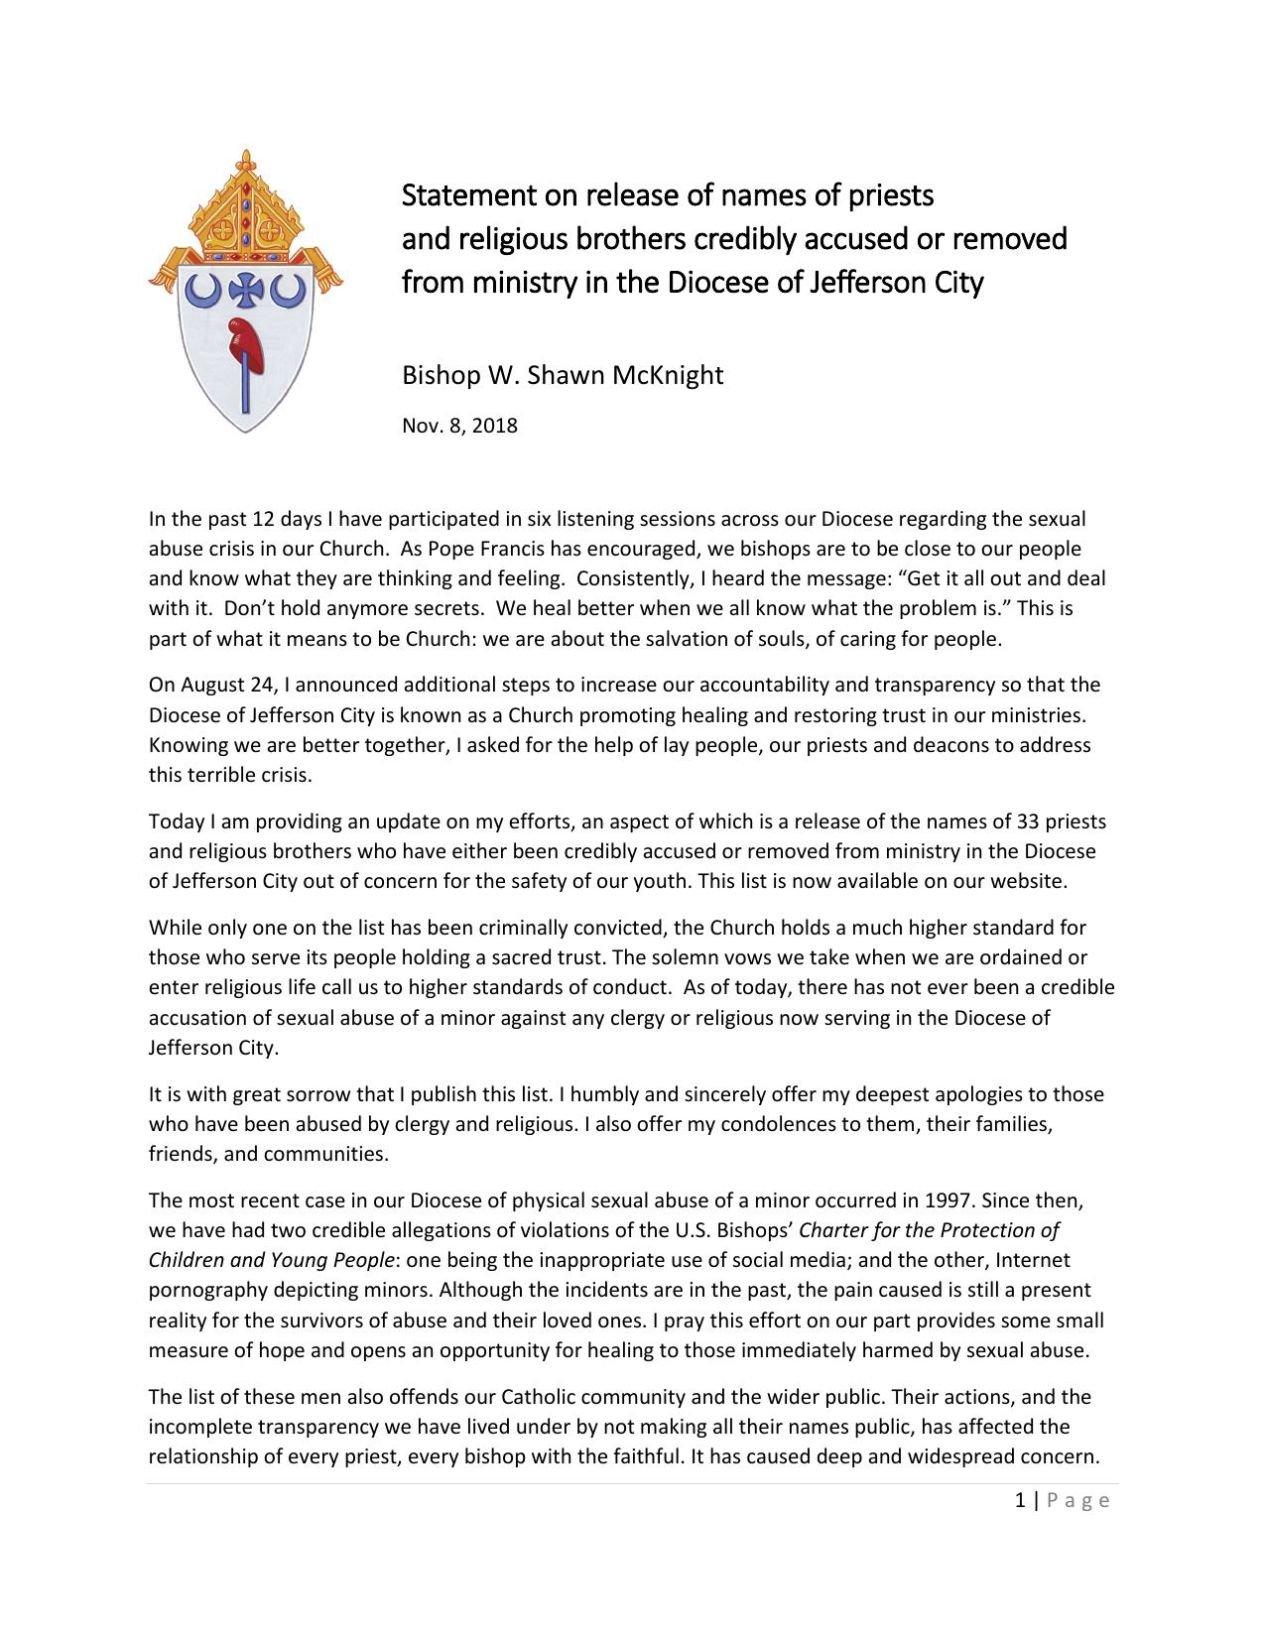 Bishop Shawn McKnight's statement